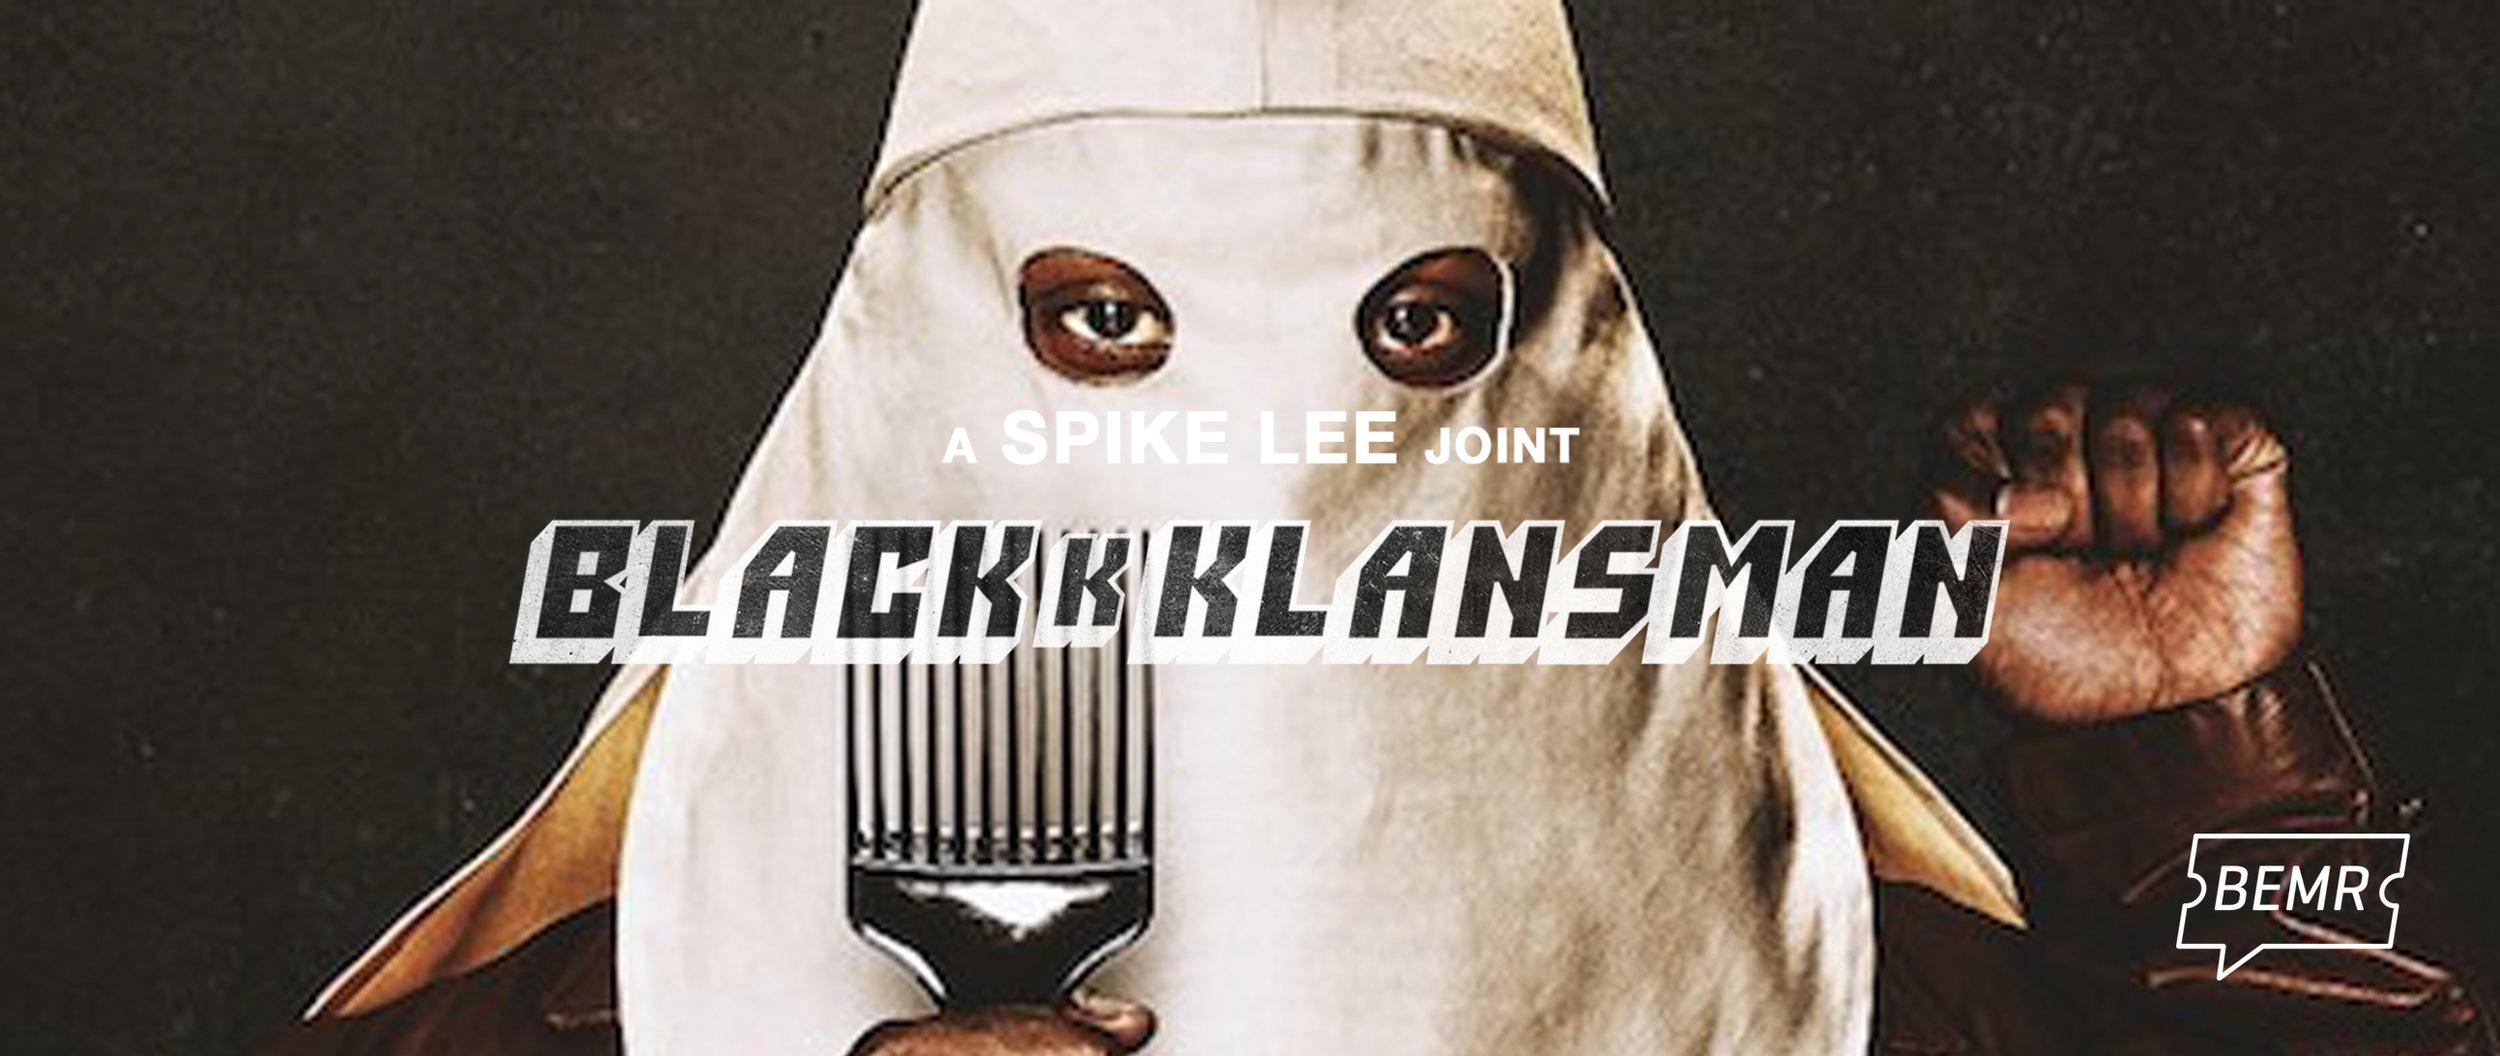 BEMR+blacKkKlansman+banner